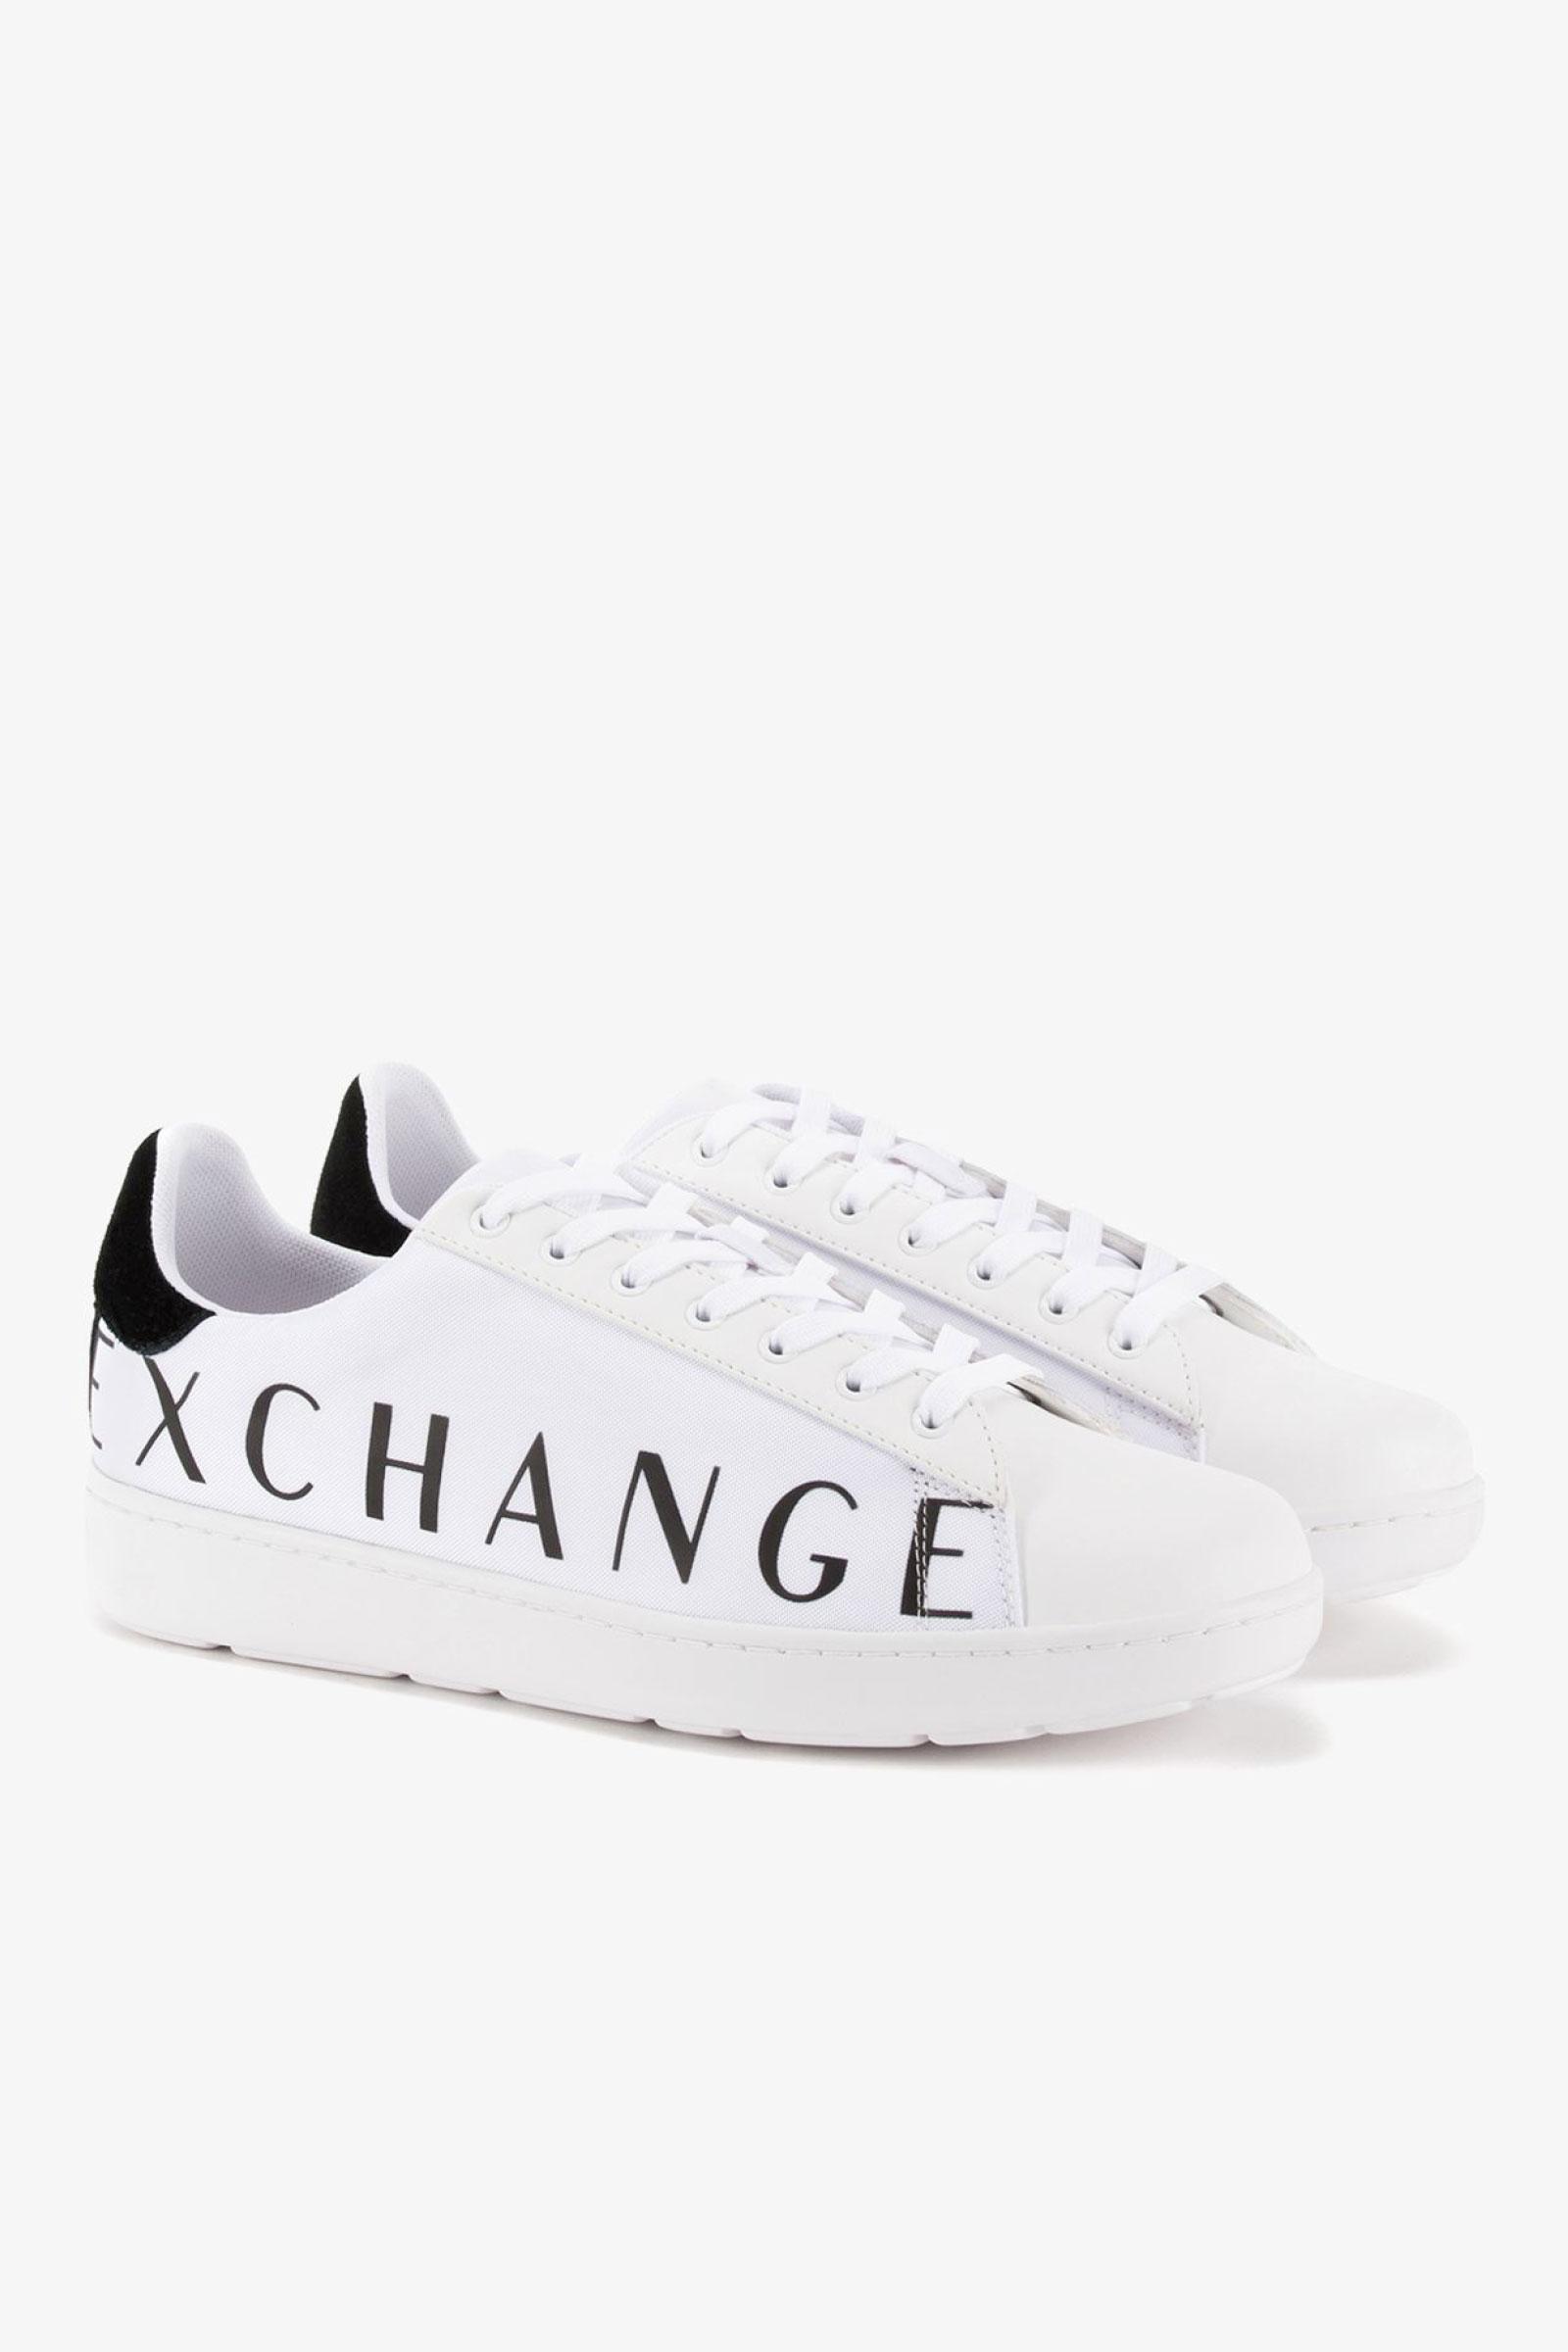 ARMANI EXCHANGE Men's Shoes ARMANI EXCHANGE | Shoes | XUX084 XV289K488